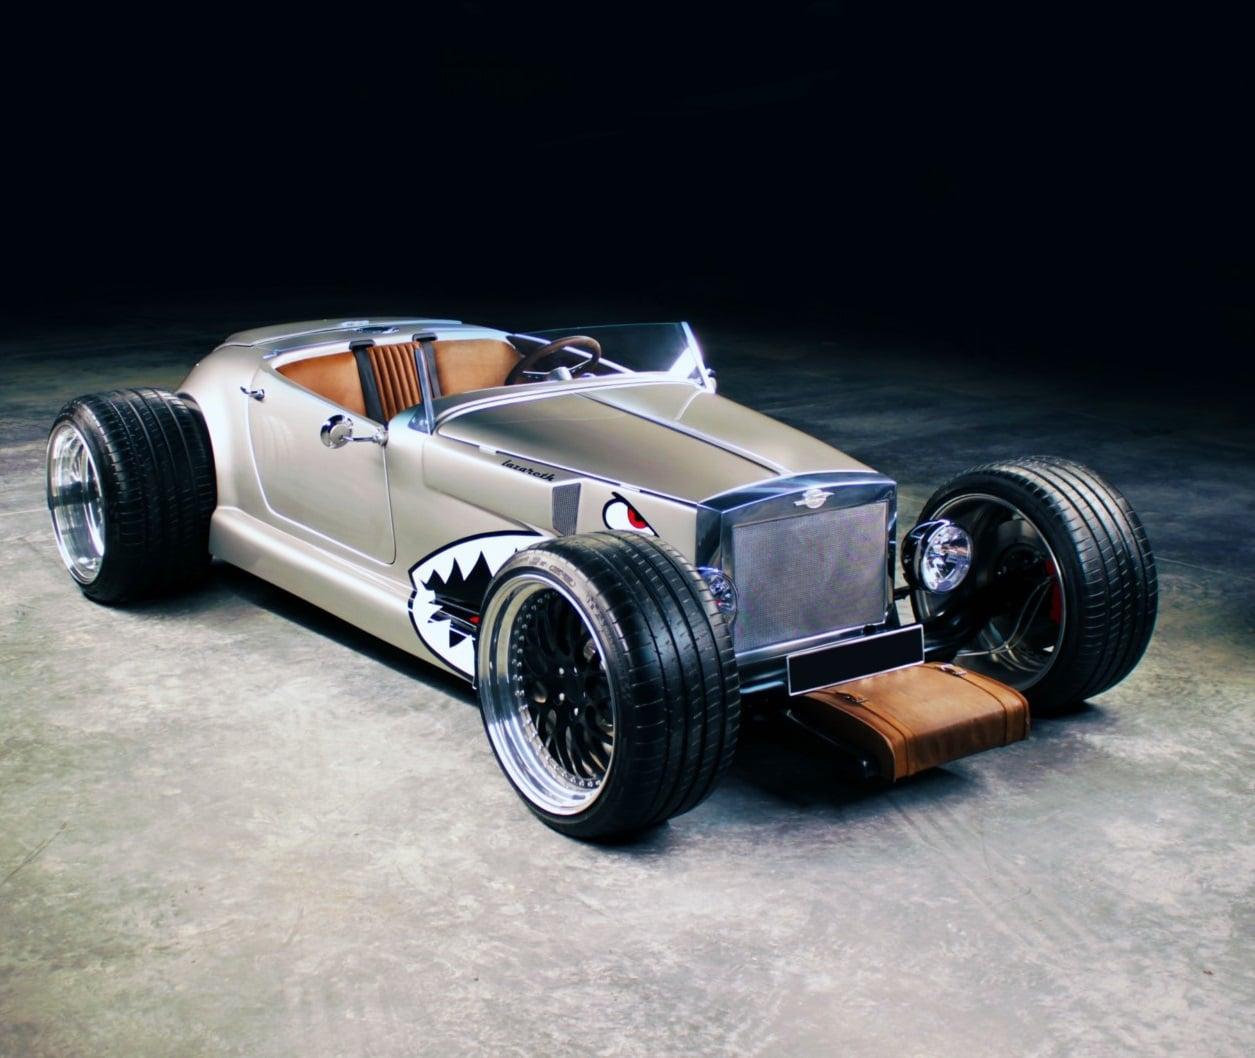 Hot Rod V12 Hybrid